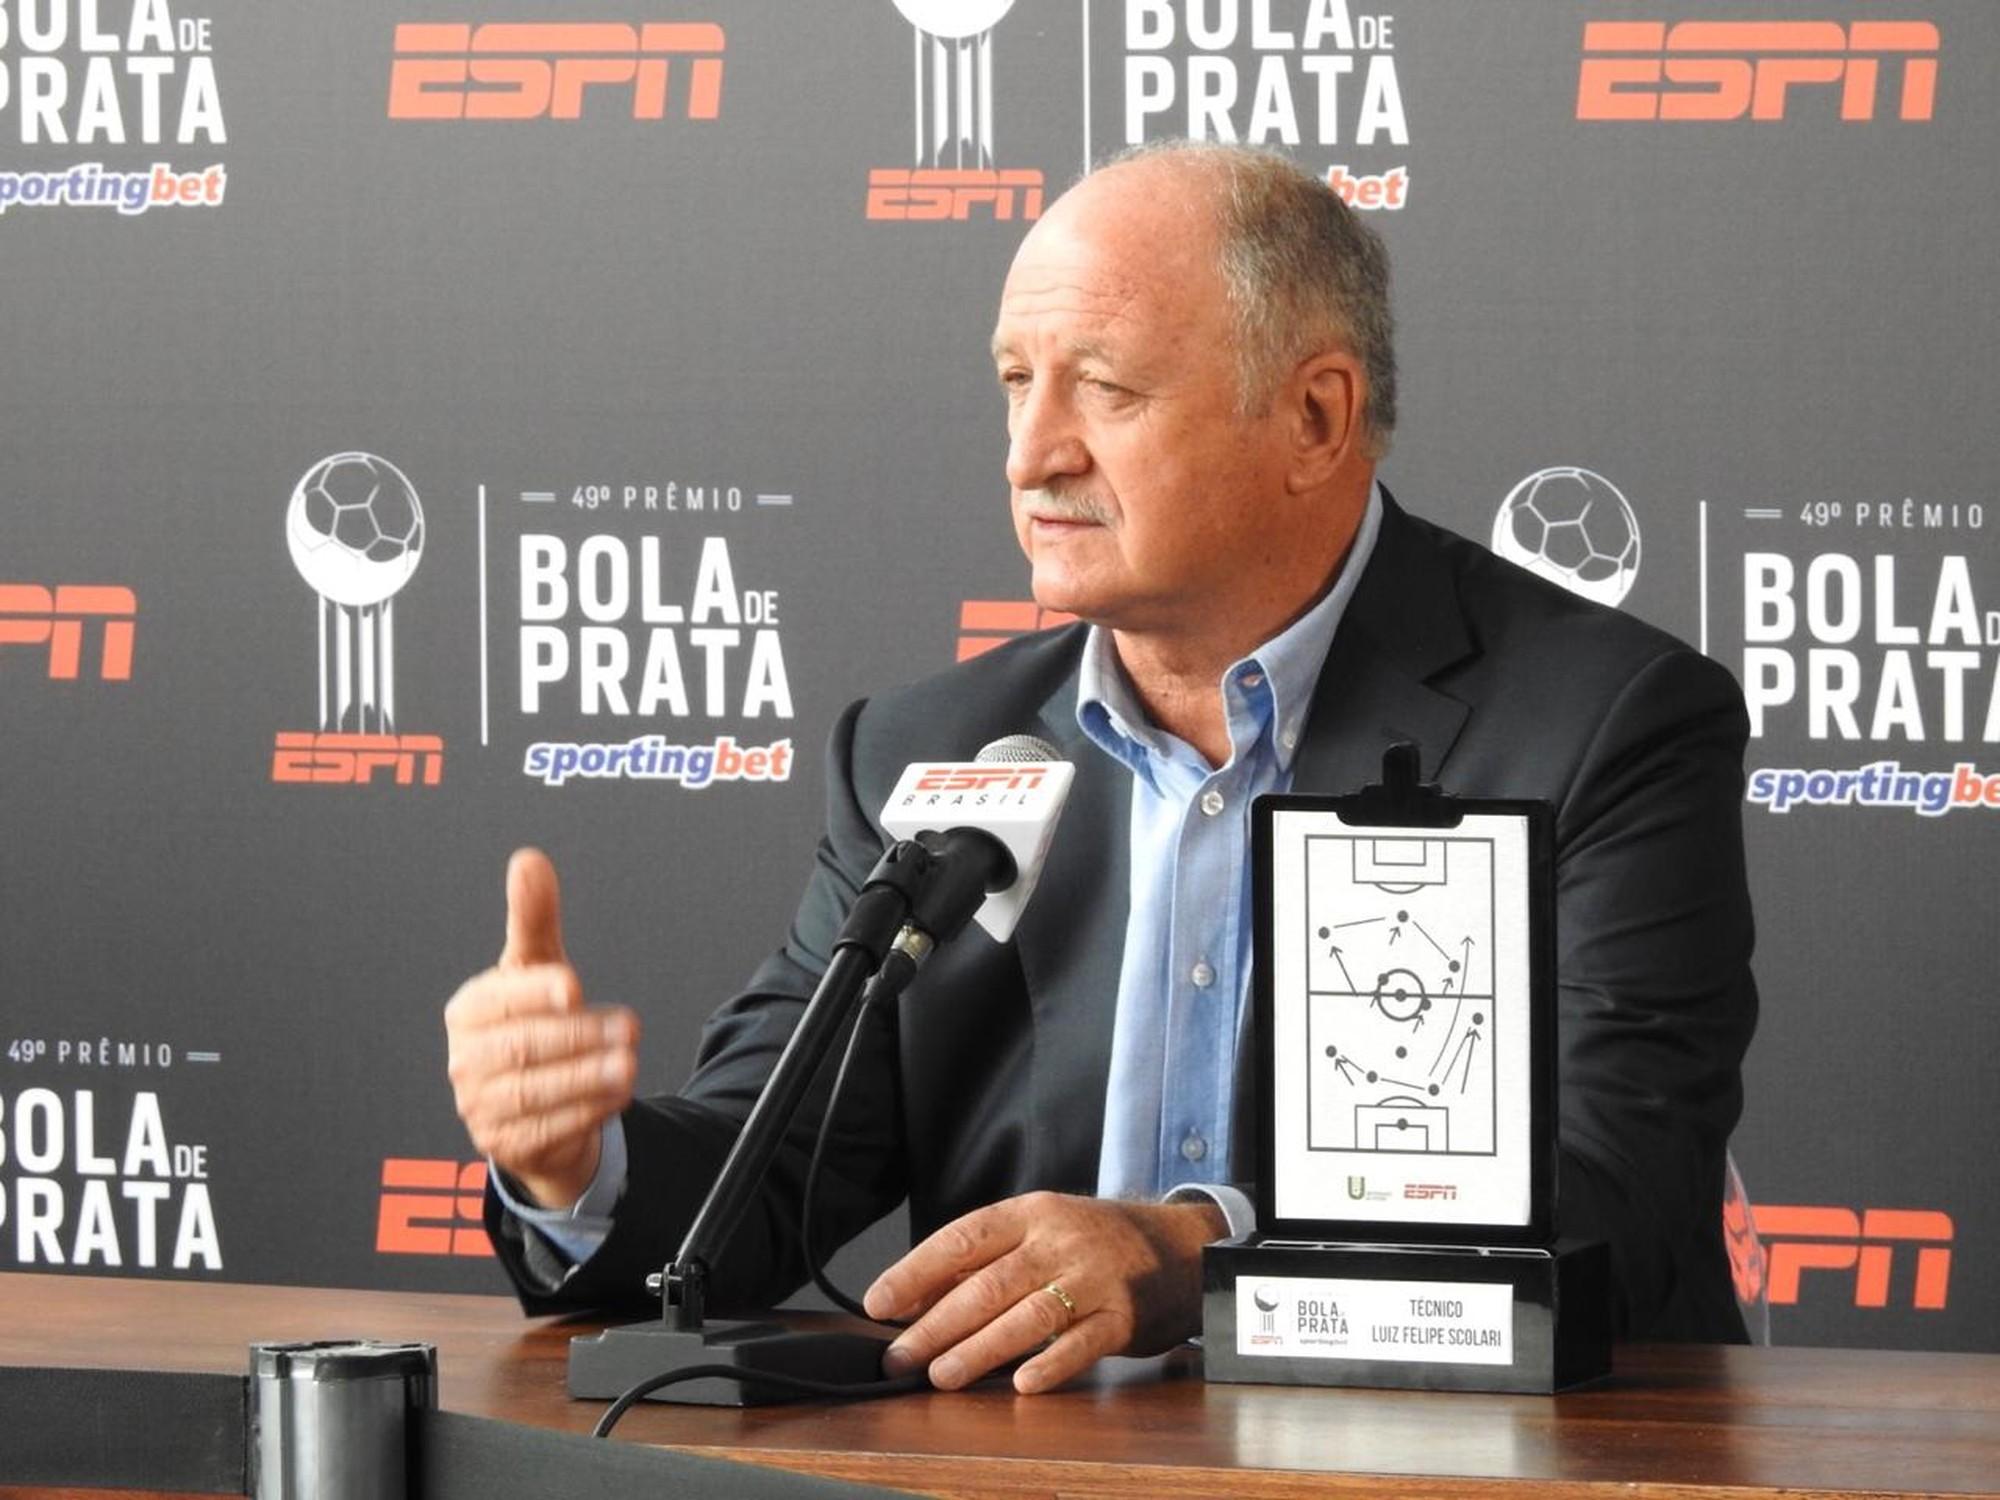 斯科拉里:确实收到了哥伦比亚队的邀约,但得仔细考虑